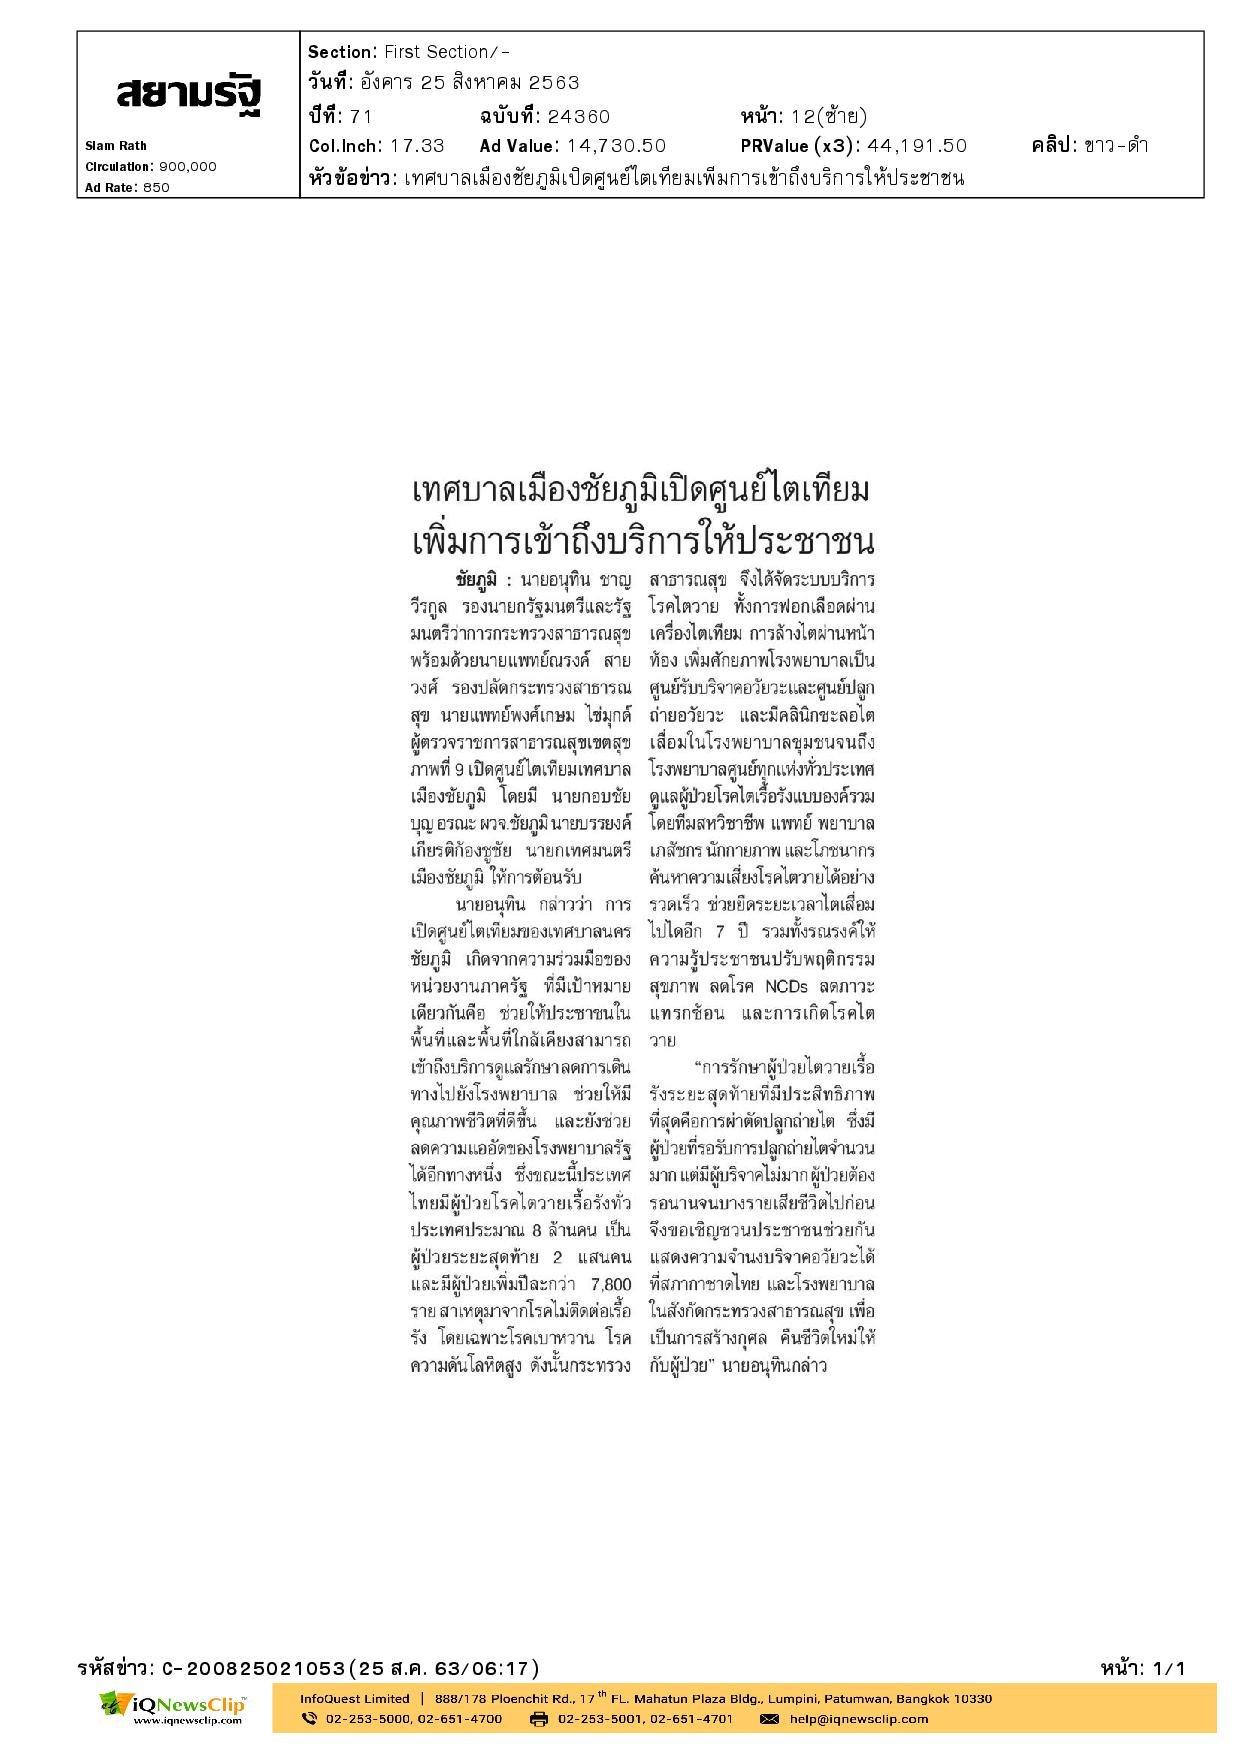 เชิญชวนประชาชนร่วมกันแสดงความจำนงบริจาคอวัยวะที่สภากาชาดไทย